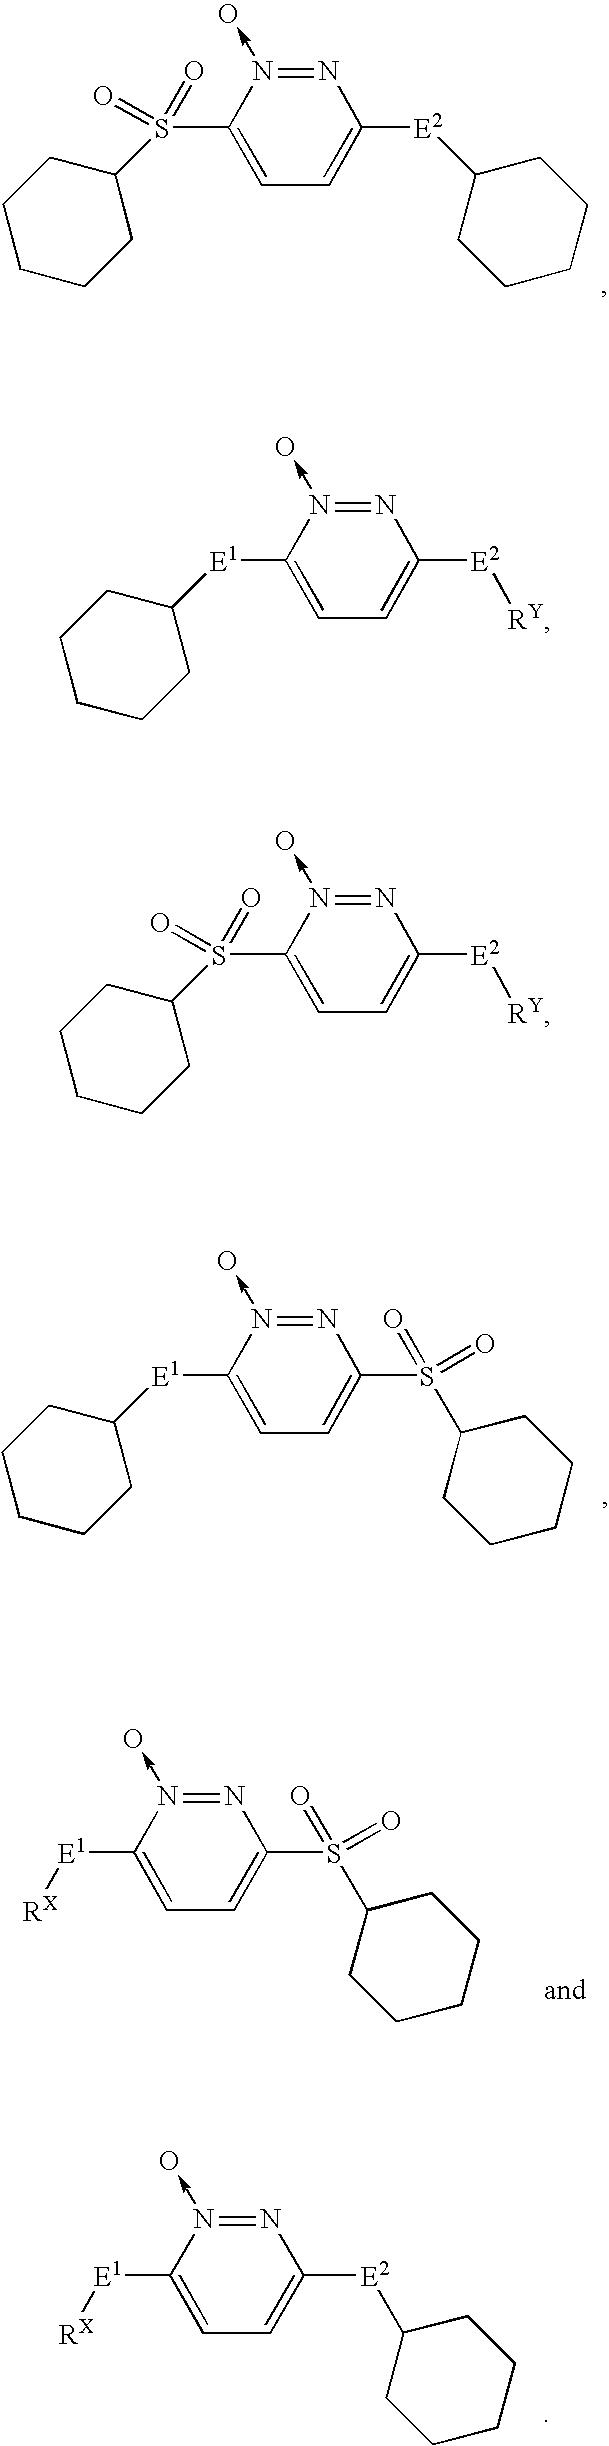 Figure US20040242886A1-20041202-C00162